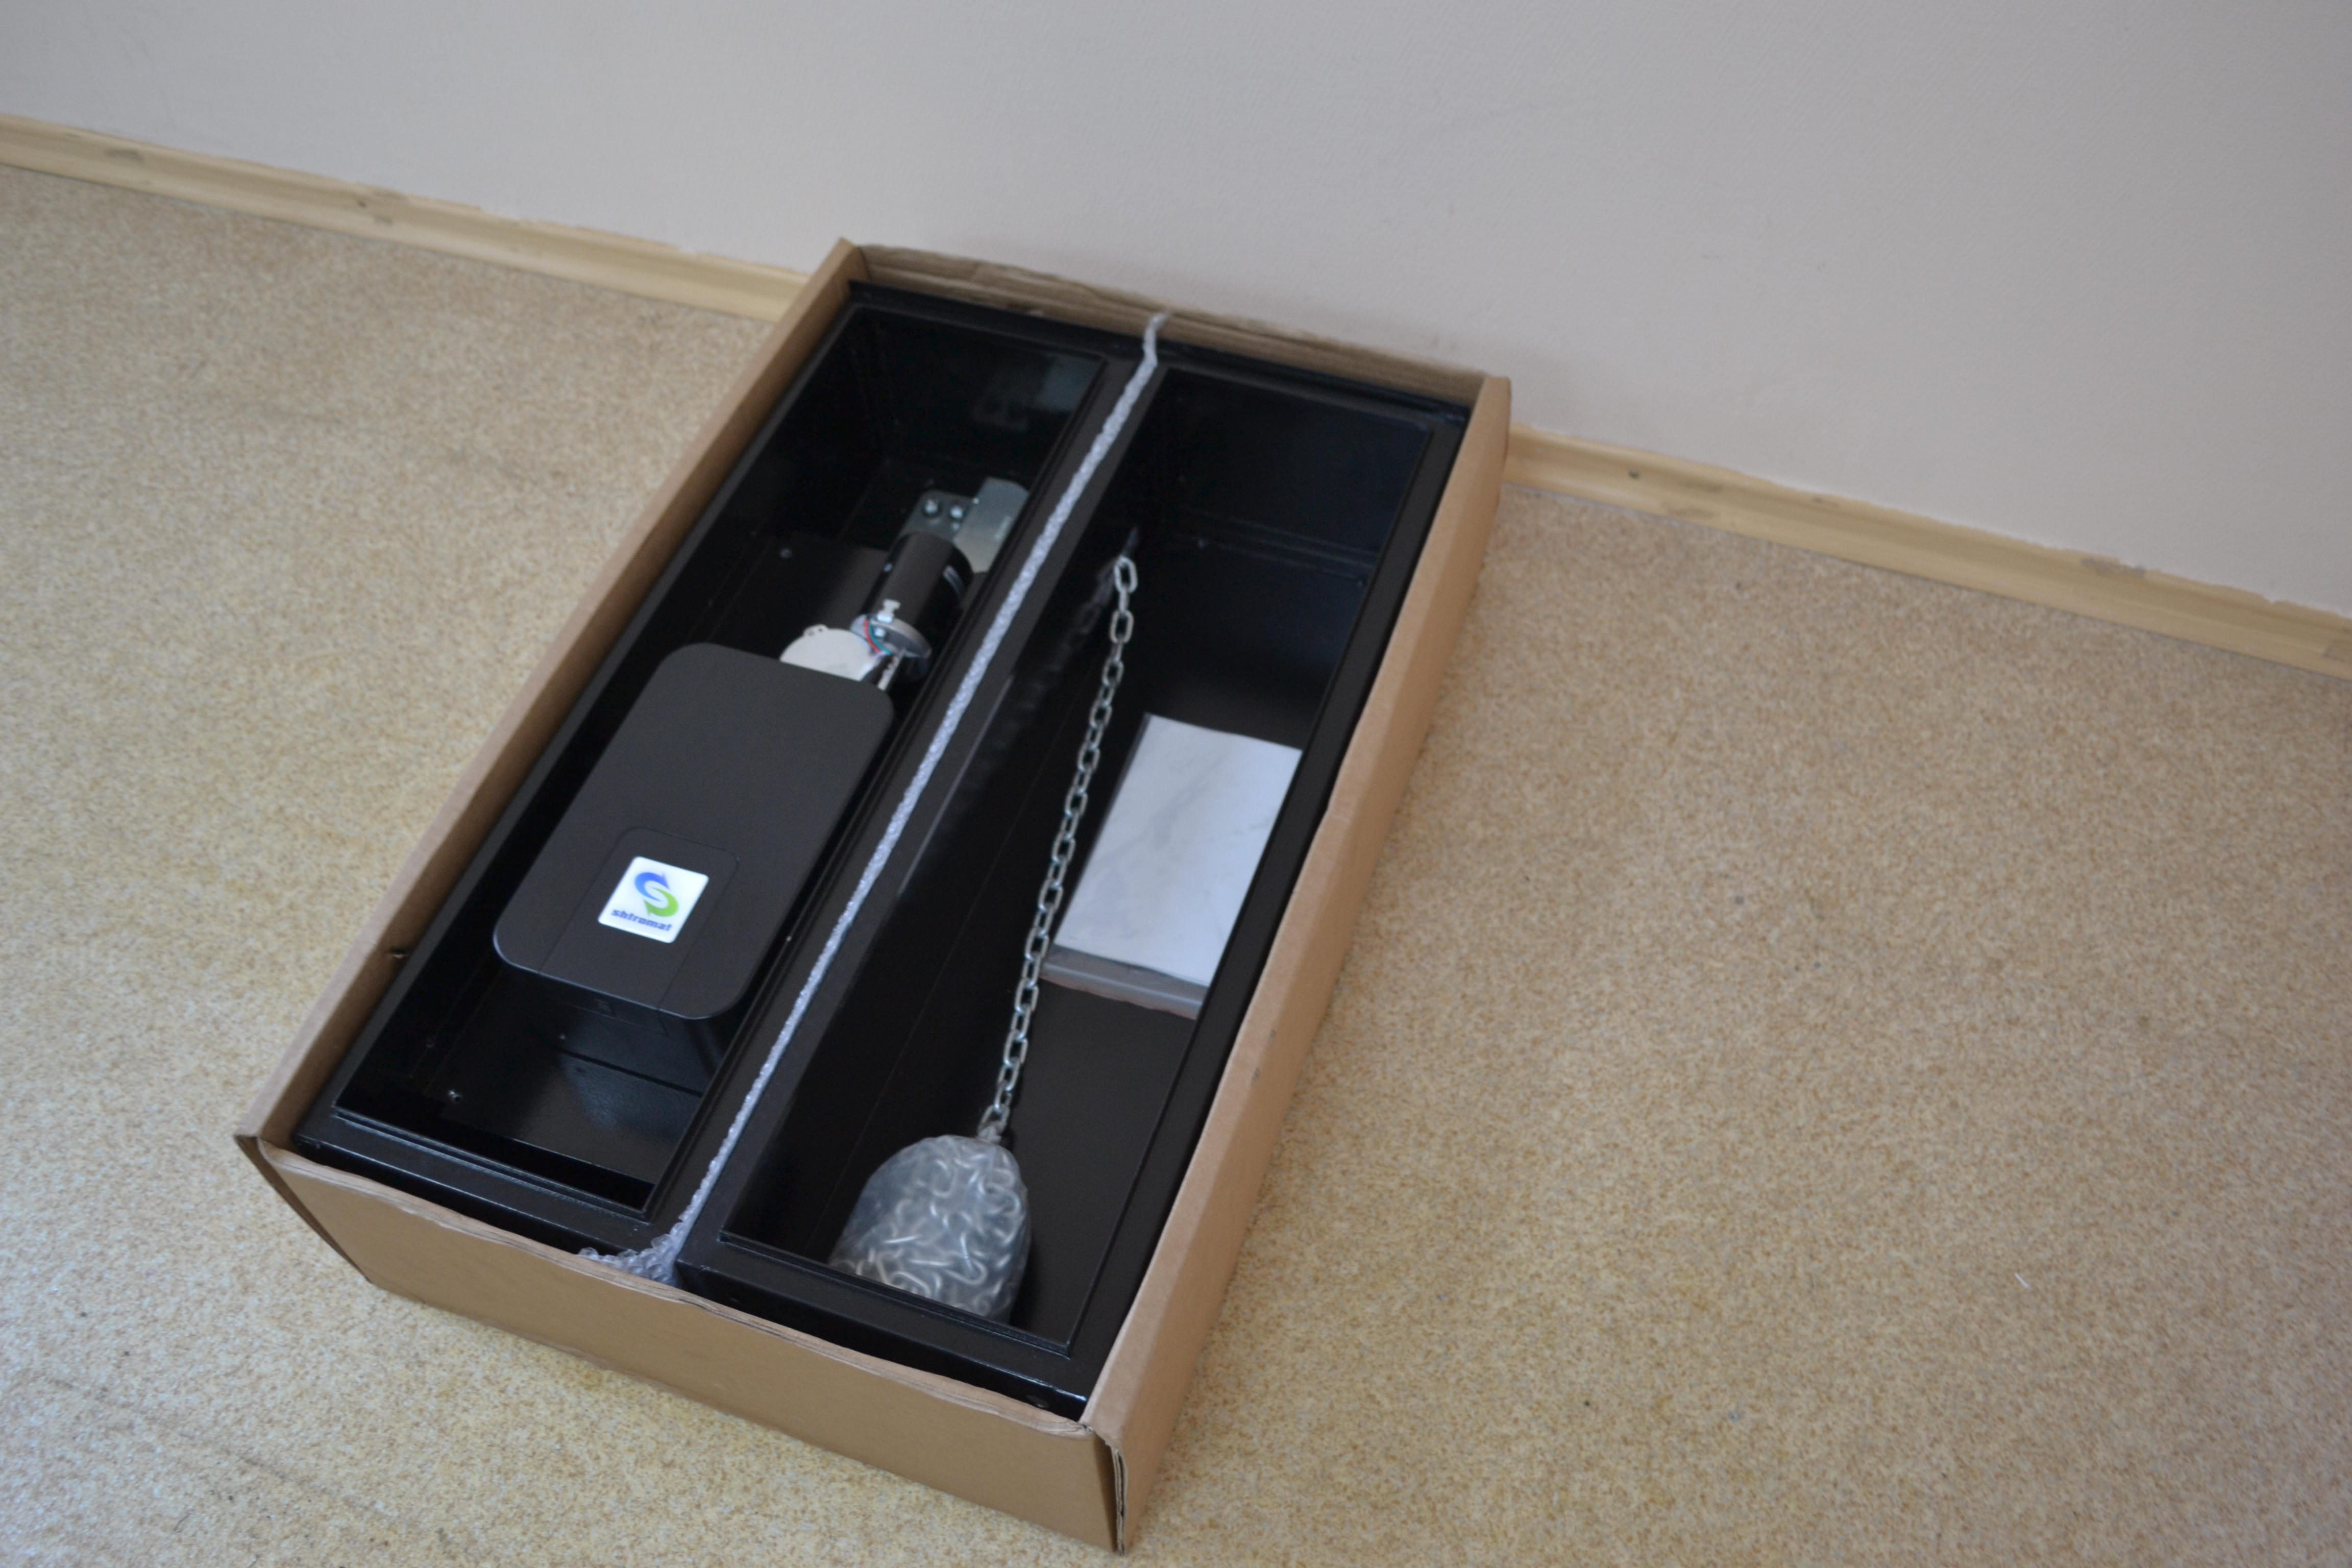 Shtromat KetteMatic - упаковка 1